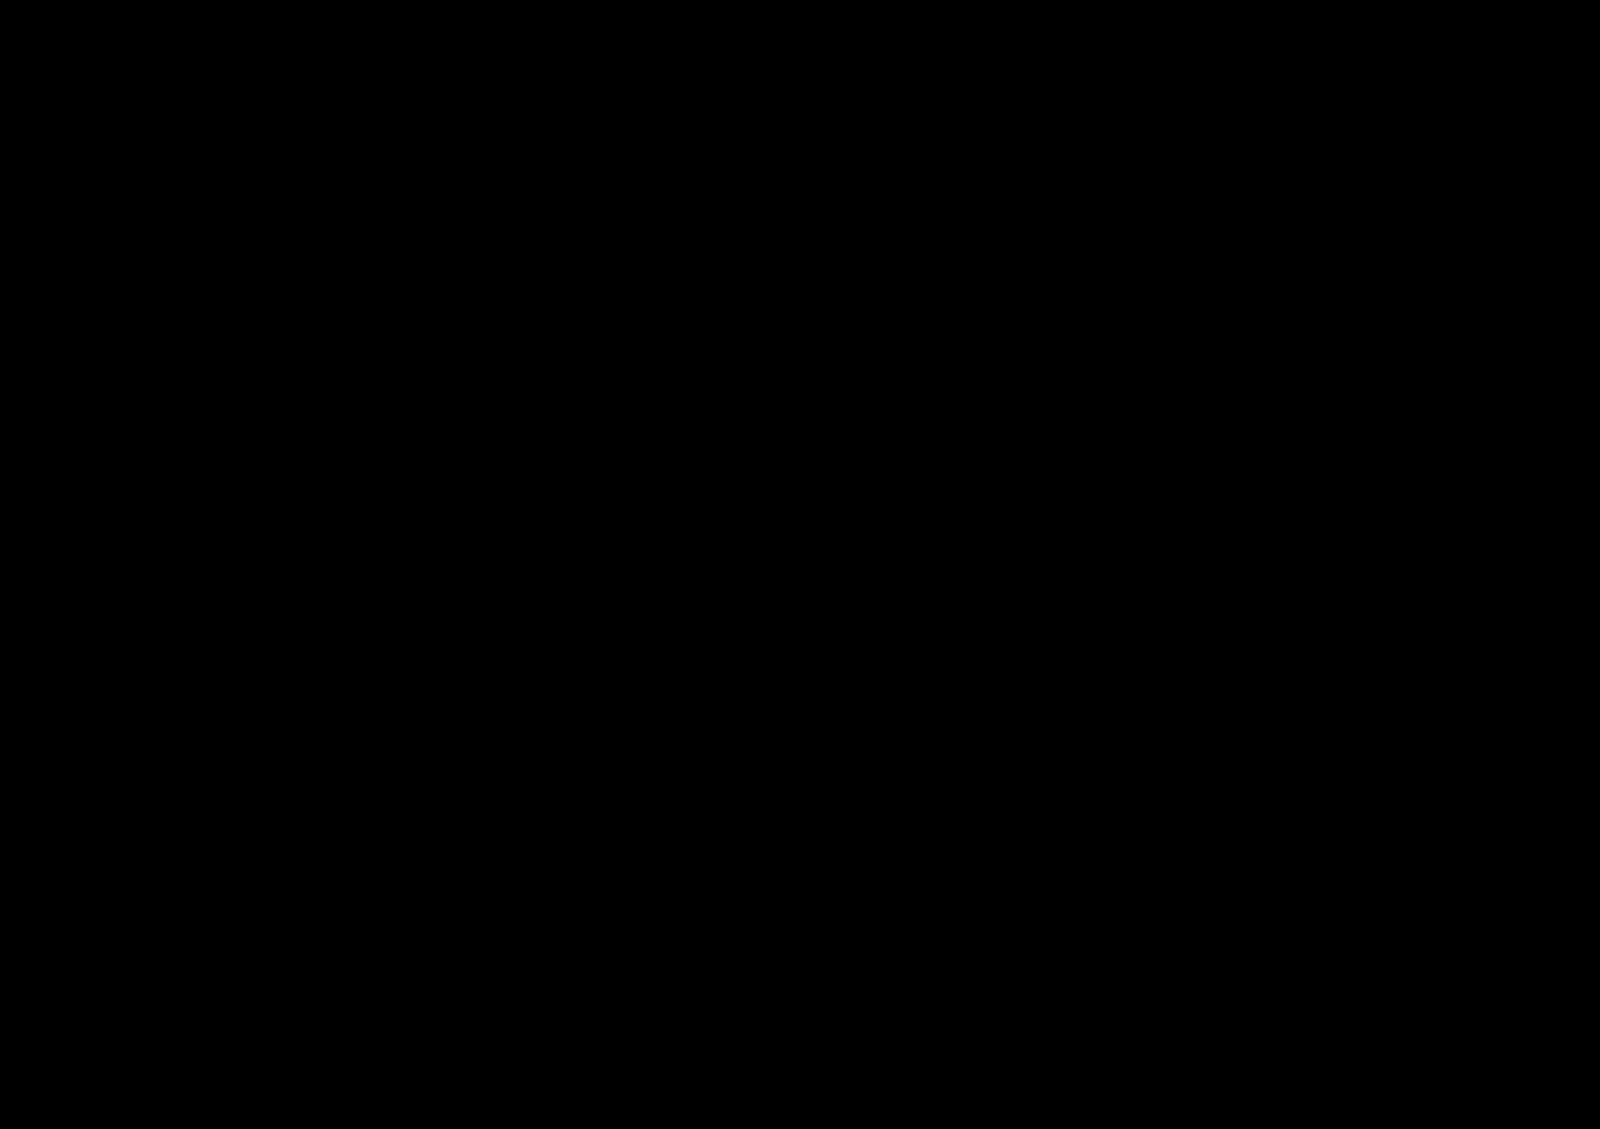 simbol transistor pnp dan npn